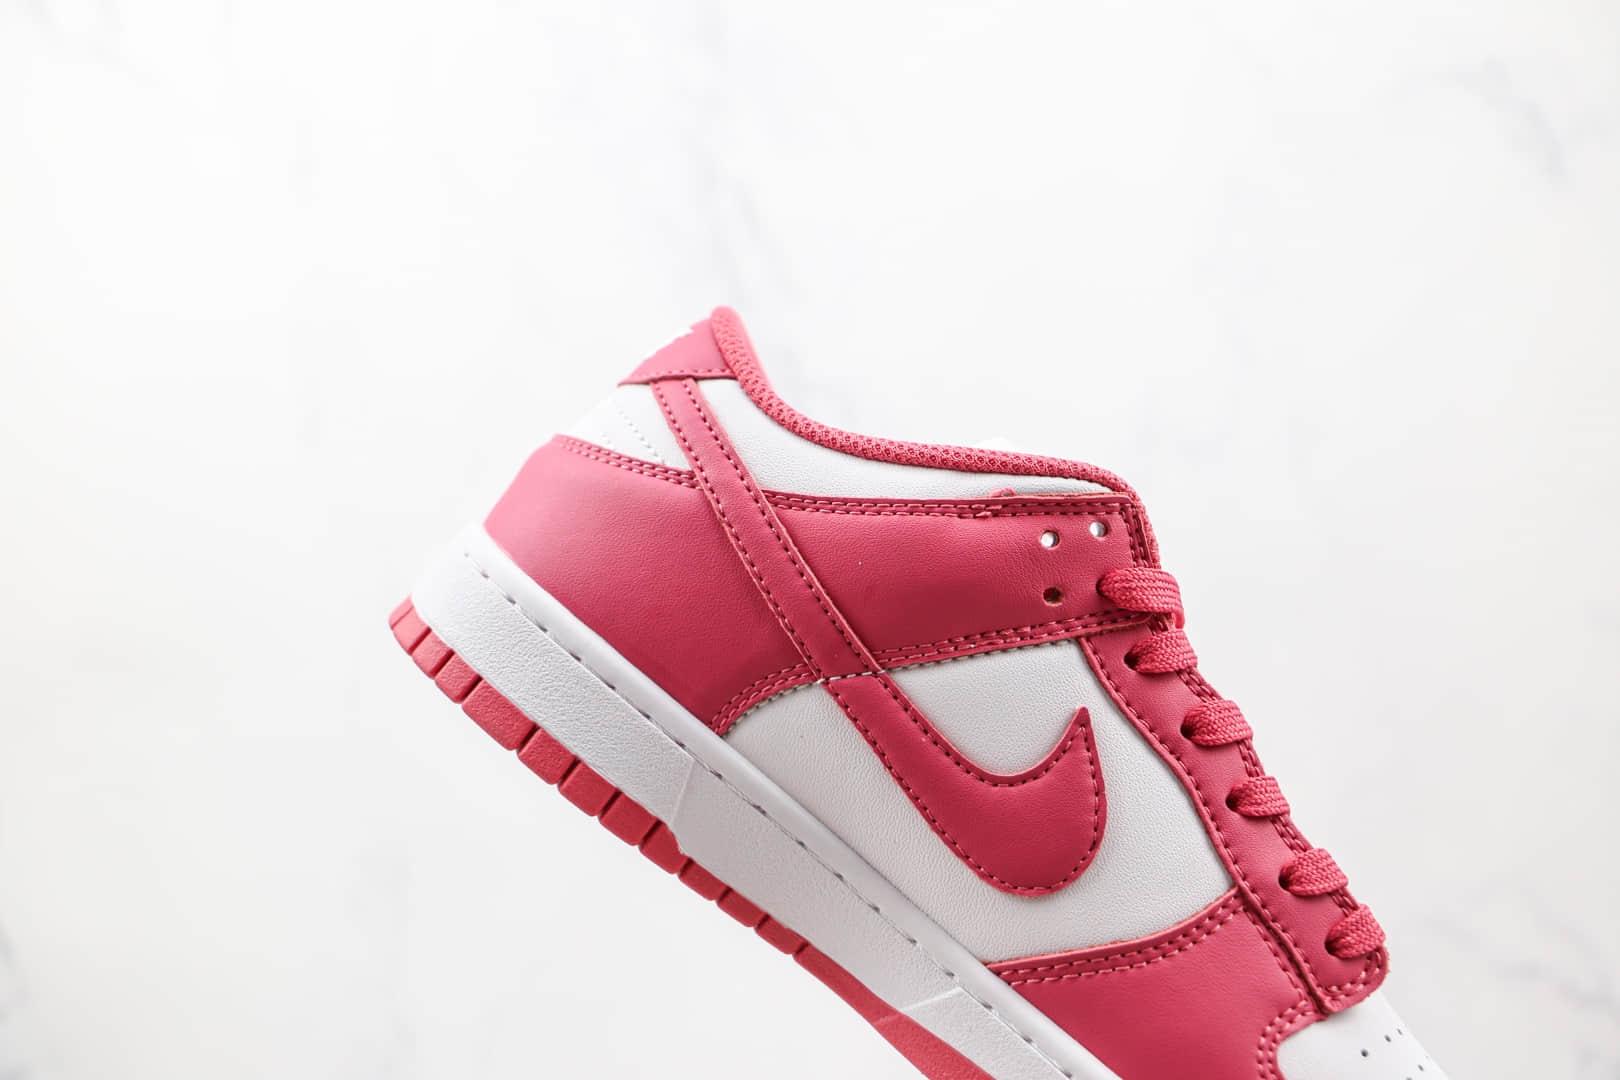 耐克Nike SB Dunk Low纯原版本低帮SB DUNK玫红色板鞋原档案数据开发 货号:DD1503-111